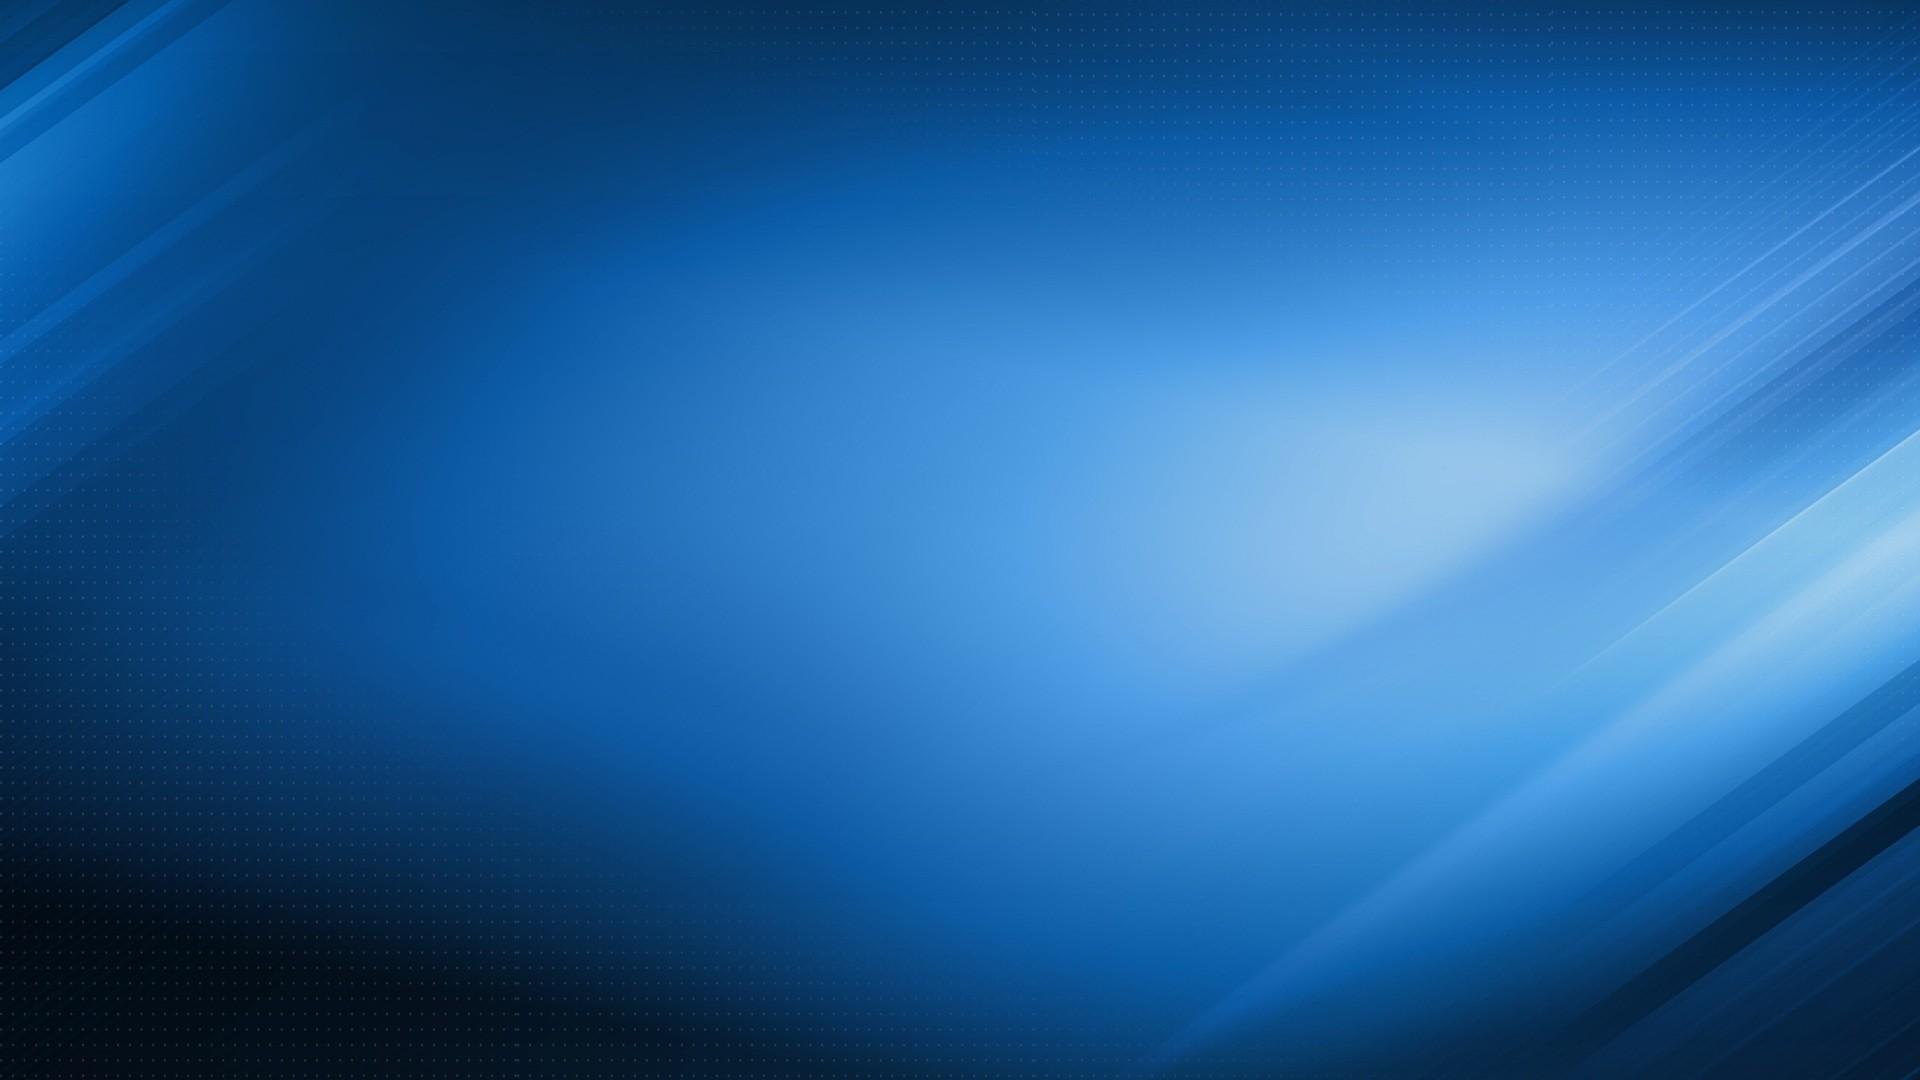 Dark Blue High Quality